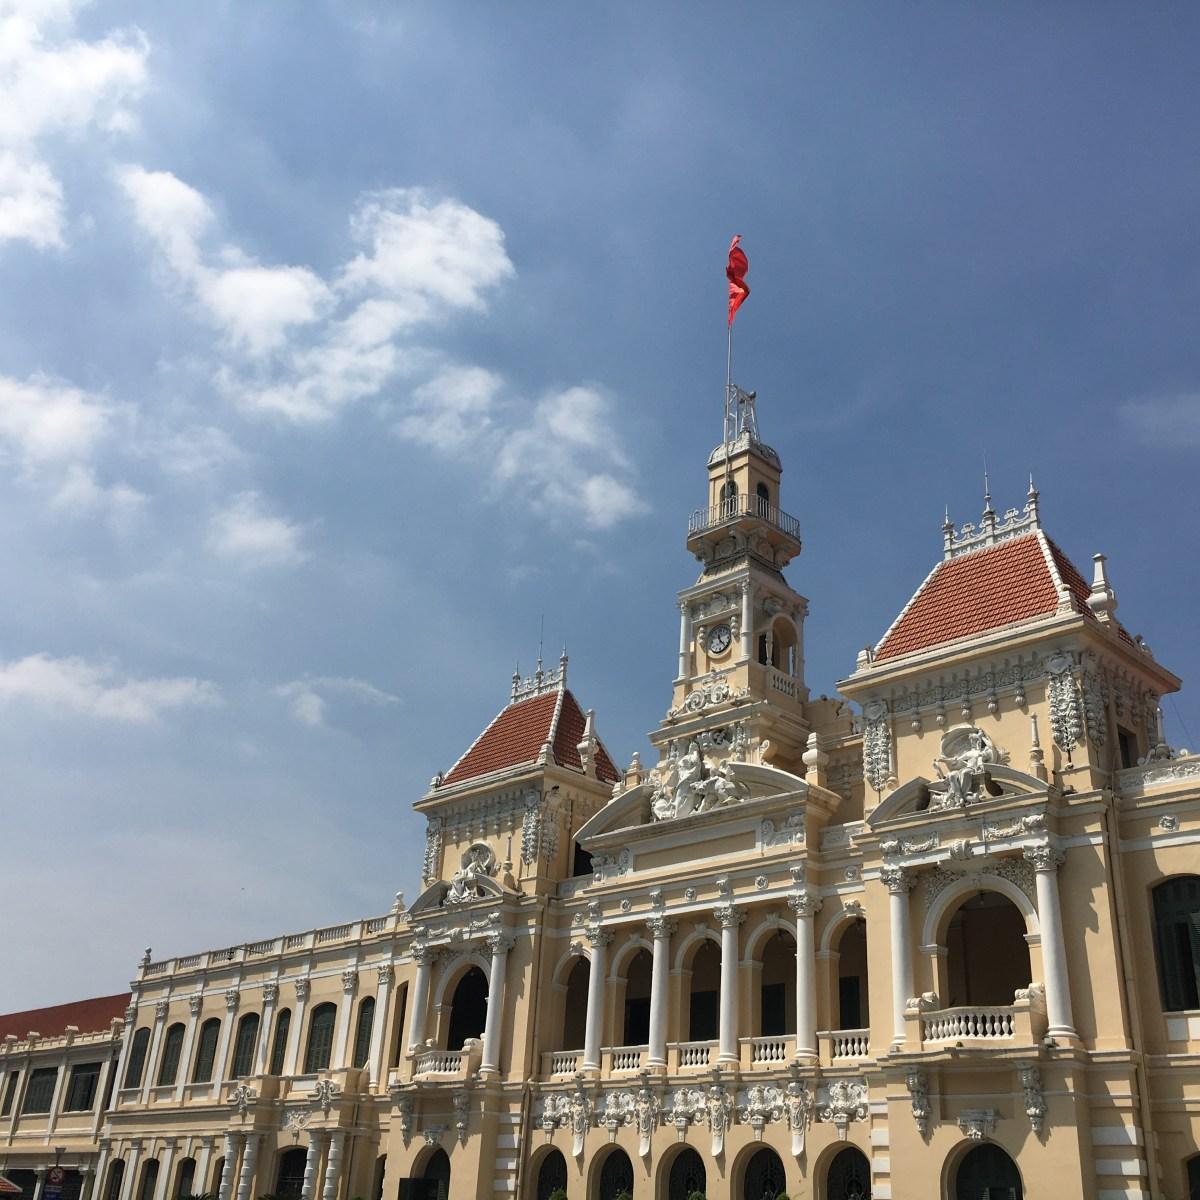 越南:胡志明市HCMC(西貢Saigon)炎熱的南方都市 – 自助旅行狂熱份子